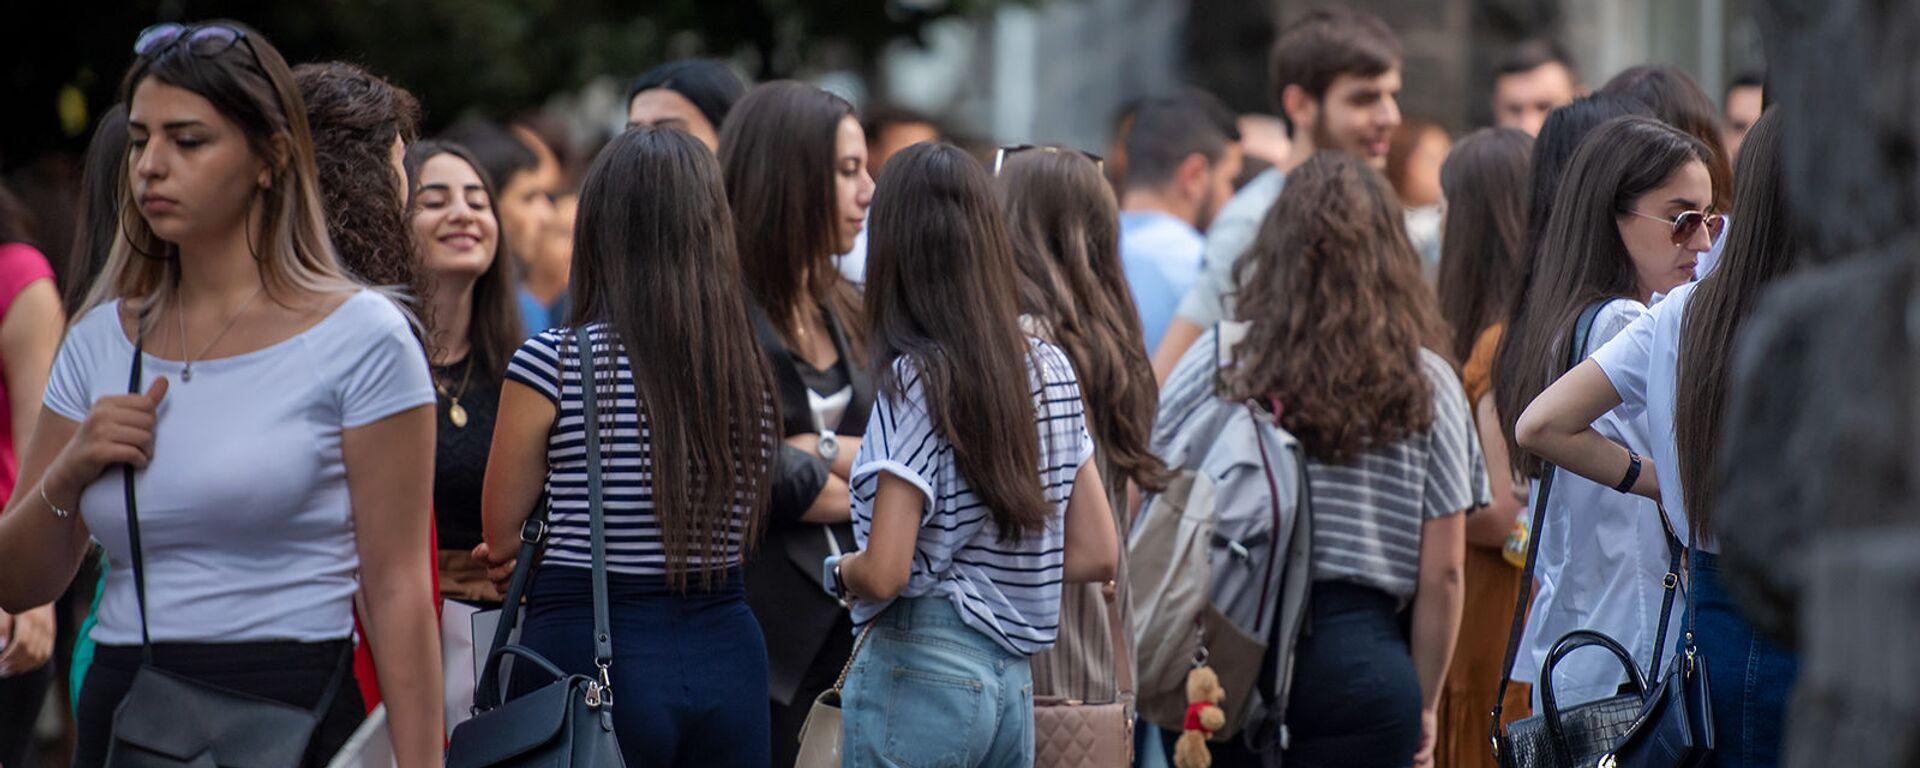 Студенты ГЭУА в первый день учебного года - Sputnik Армения, 1920, 29.07.2021